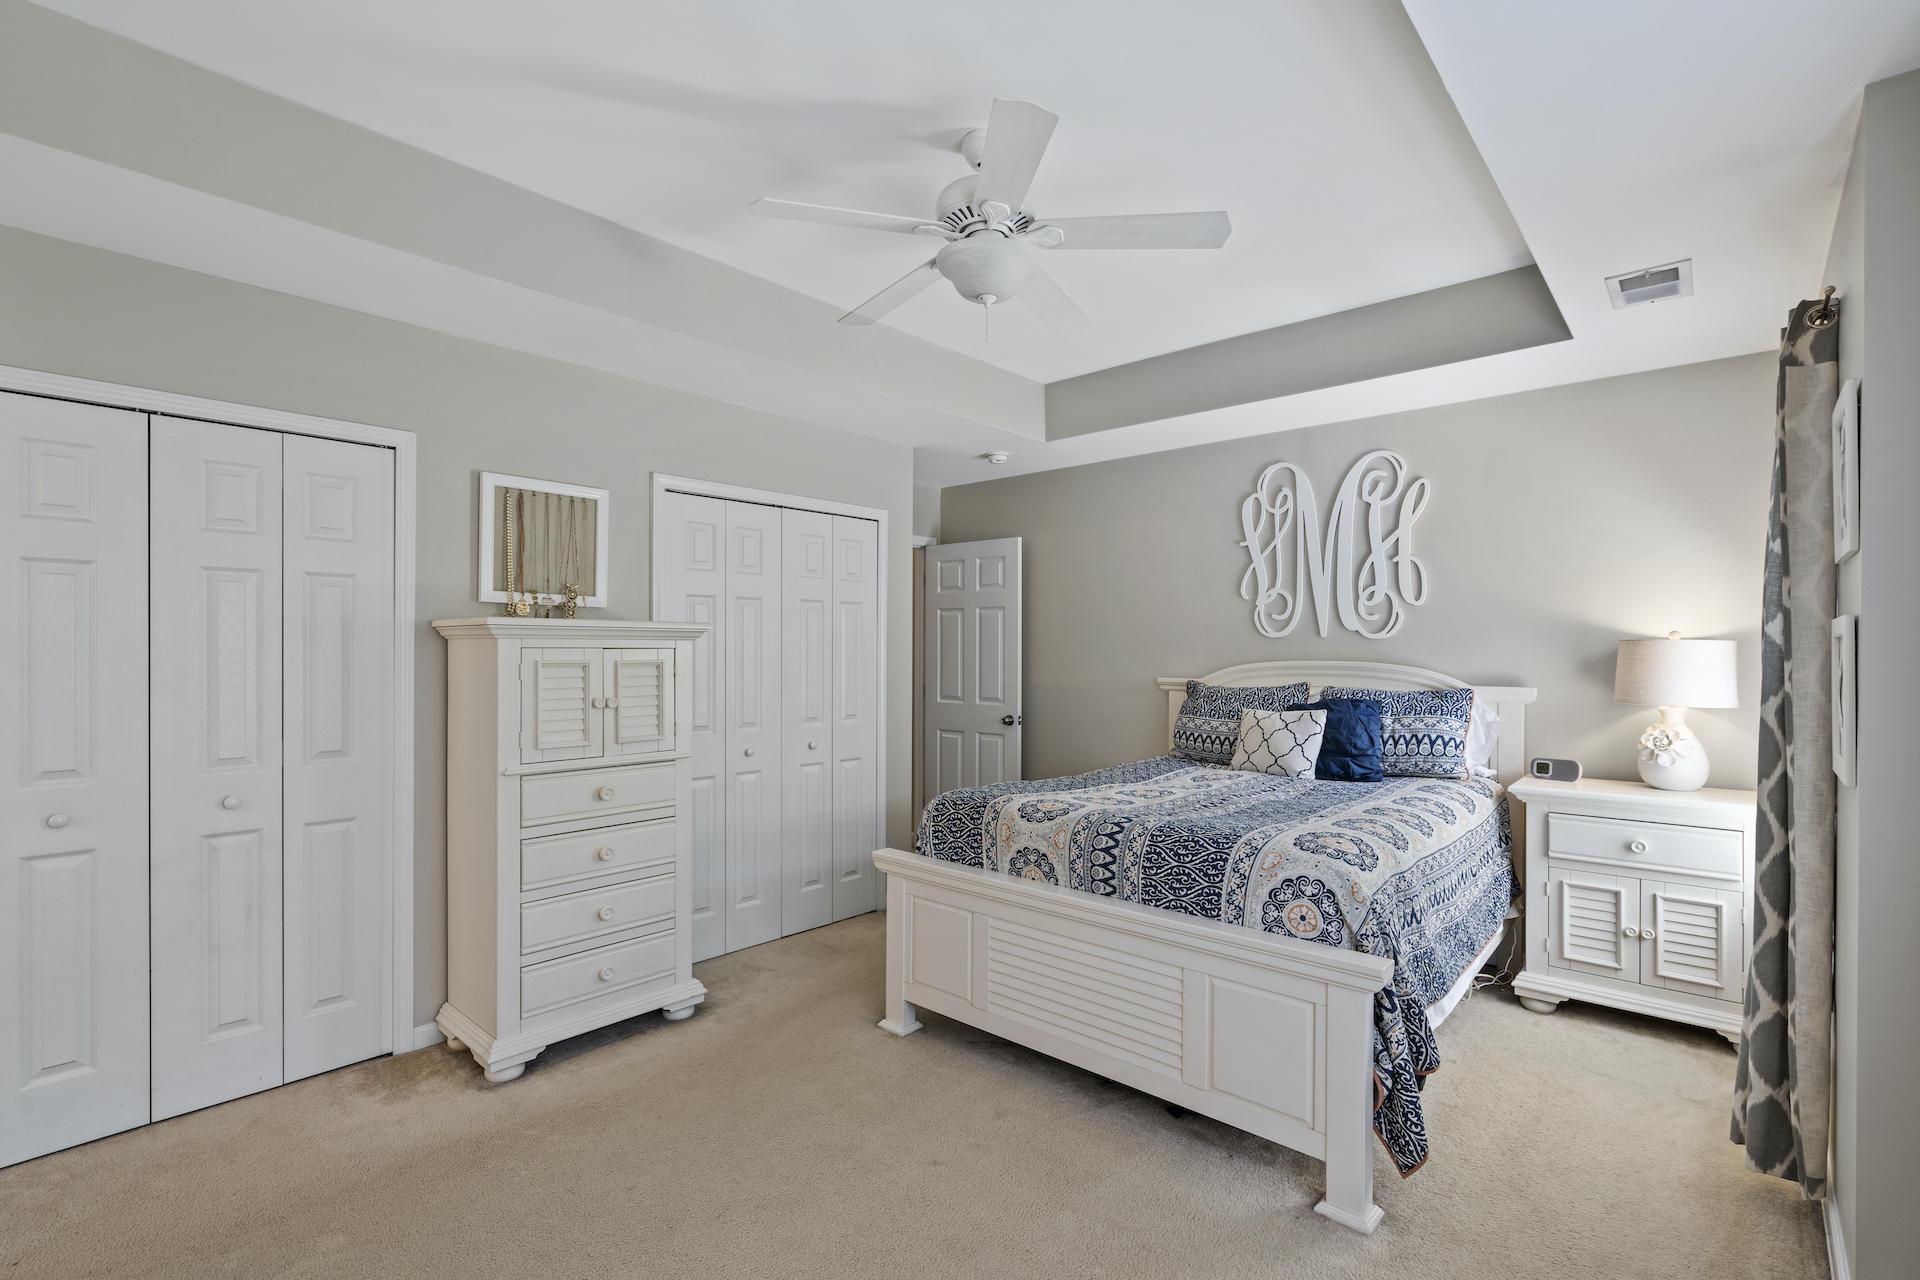 Park West Homes For Sale - 3061 Park West, Mount Pleasant, SC - 8